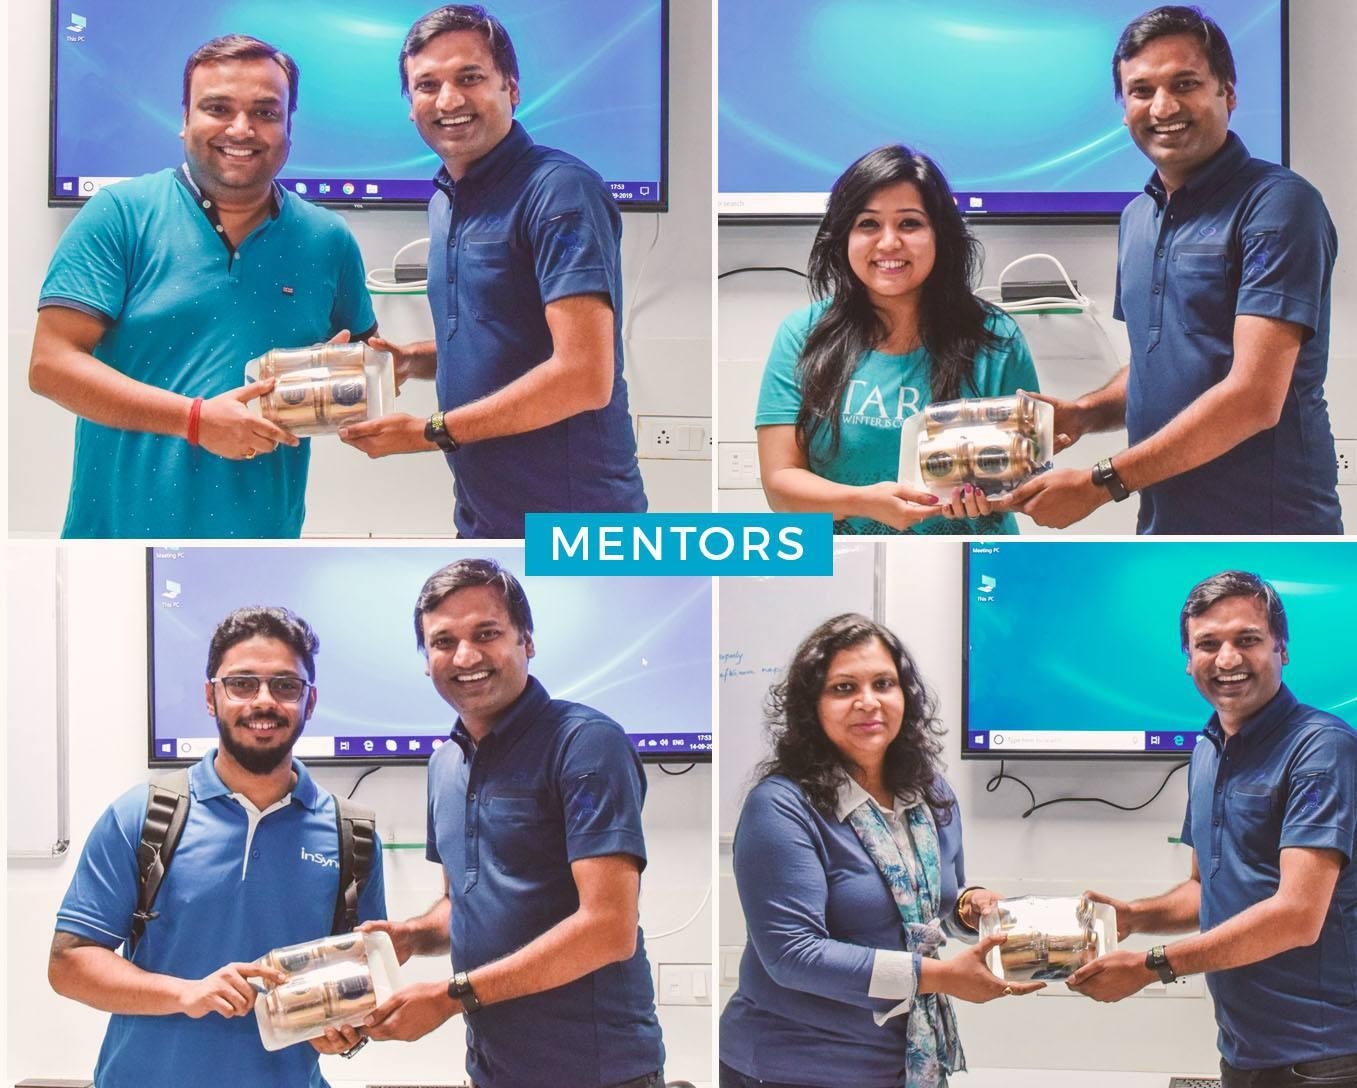 mentors-insync-hackathon-2019